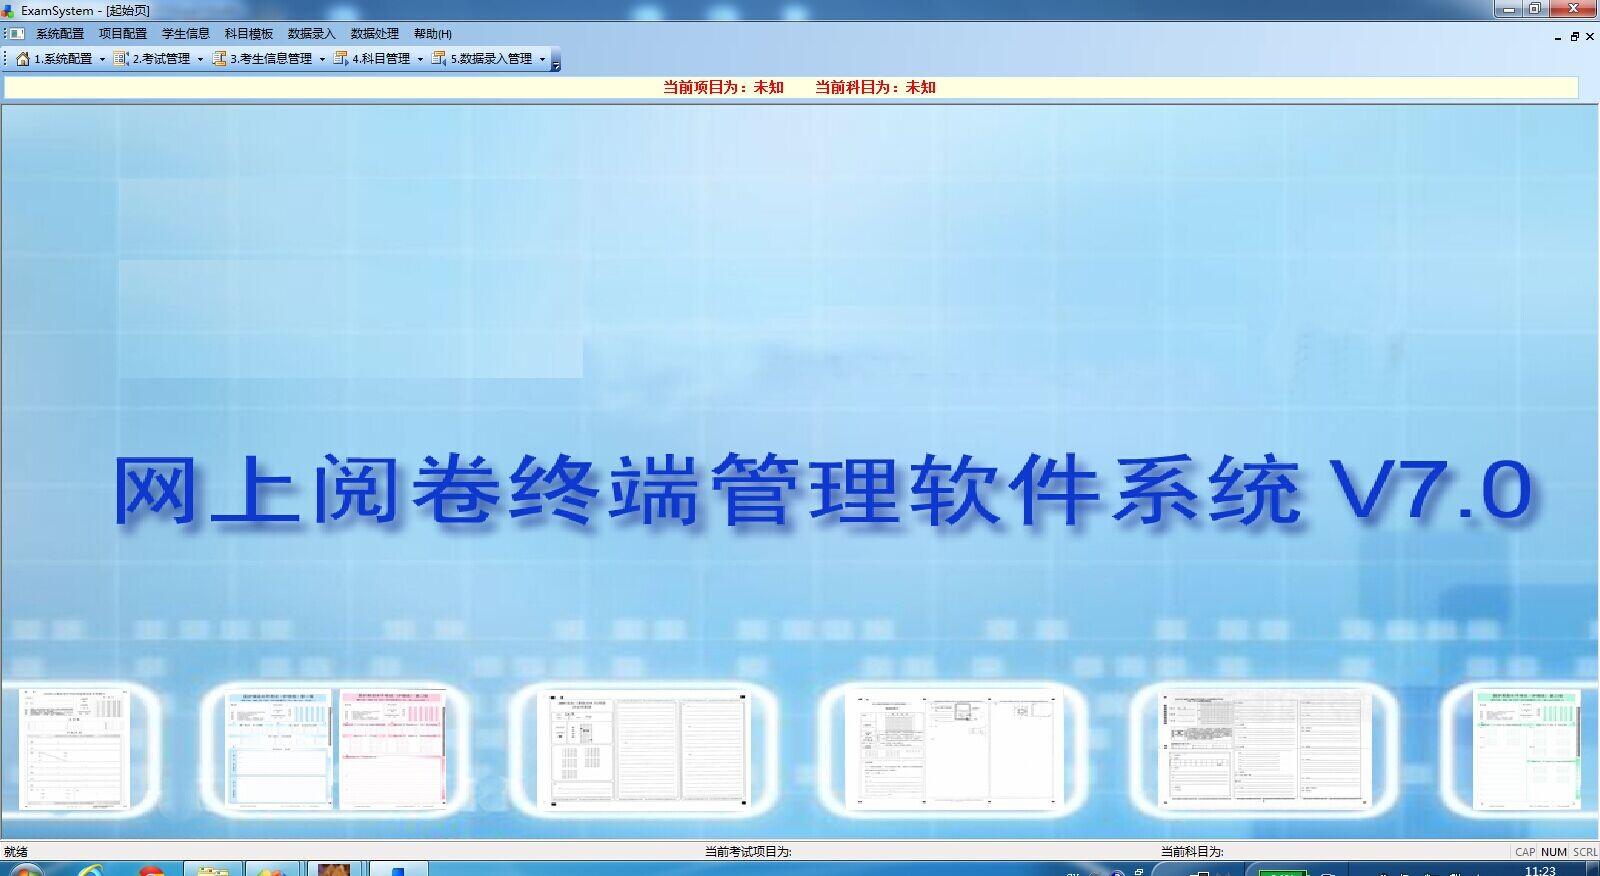 汉中云阅卷系统欢迎咨询 阅卷系统报价单|新闻动态-河北文柏云考科技发展有限公司